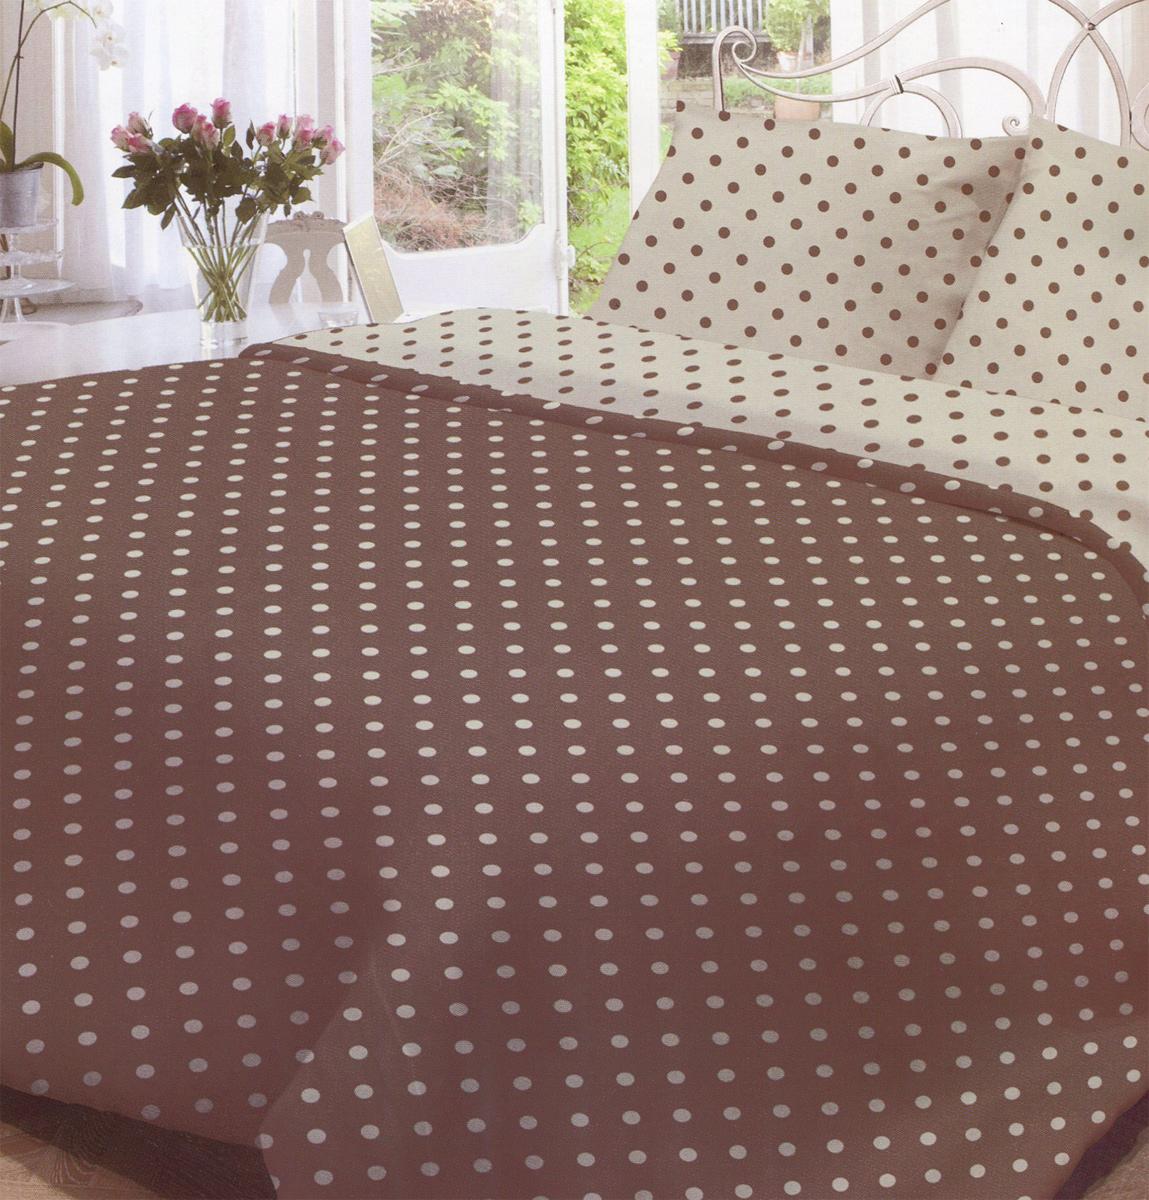 Комплект белья Нежность Мадлена, 2-спальный, наволочки 70x70, цвет: серый, коричневый68/5/3Комплект белья Нежность Мадлена, изготовленный из бязи (100% хлопка), состоит из пододеяльника, простыни и двух наволочек. Бязевое постельное белье имеет самое простое полотняное переплетение из достаточно толстых, но мягких нитей. Стоит постельное белье из этой ткани не намного дороже поликоттона или полиэфира, но приятней на ощупь и лучше пропускает воздух. Благодаря современным технологиям окраски, белье не теряет свой цвет даже после множества стирок. Рекомендации по уходу: - Стирка при температуре не более 60°С, - Не отбеливать, - Можно гладить, - Химчистка запрещена.